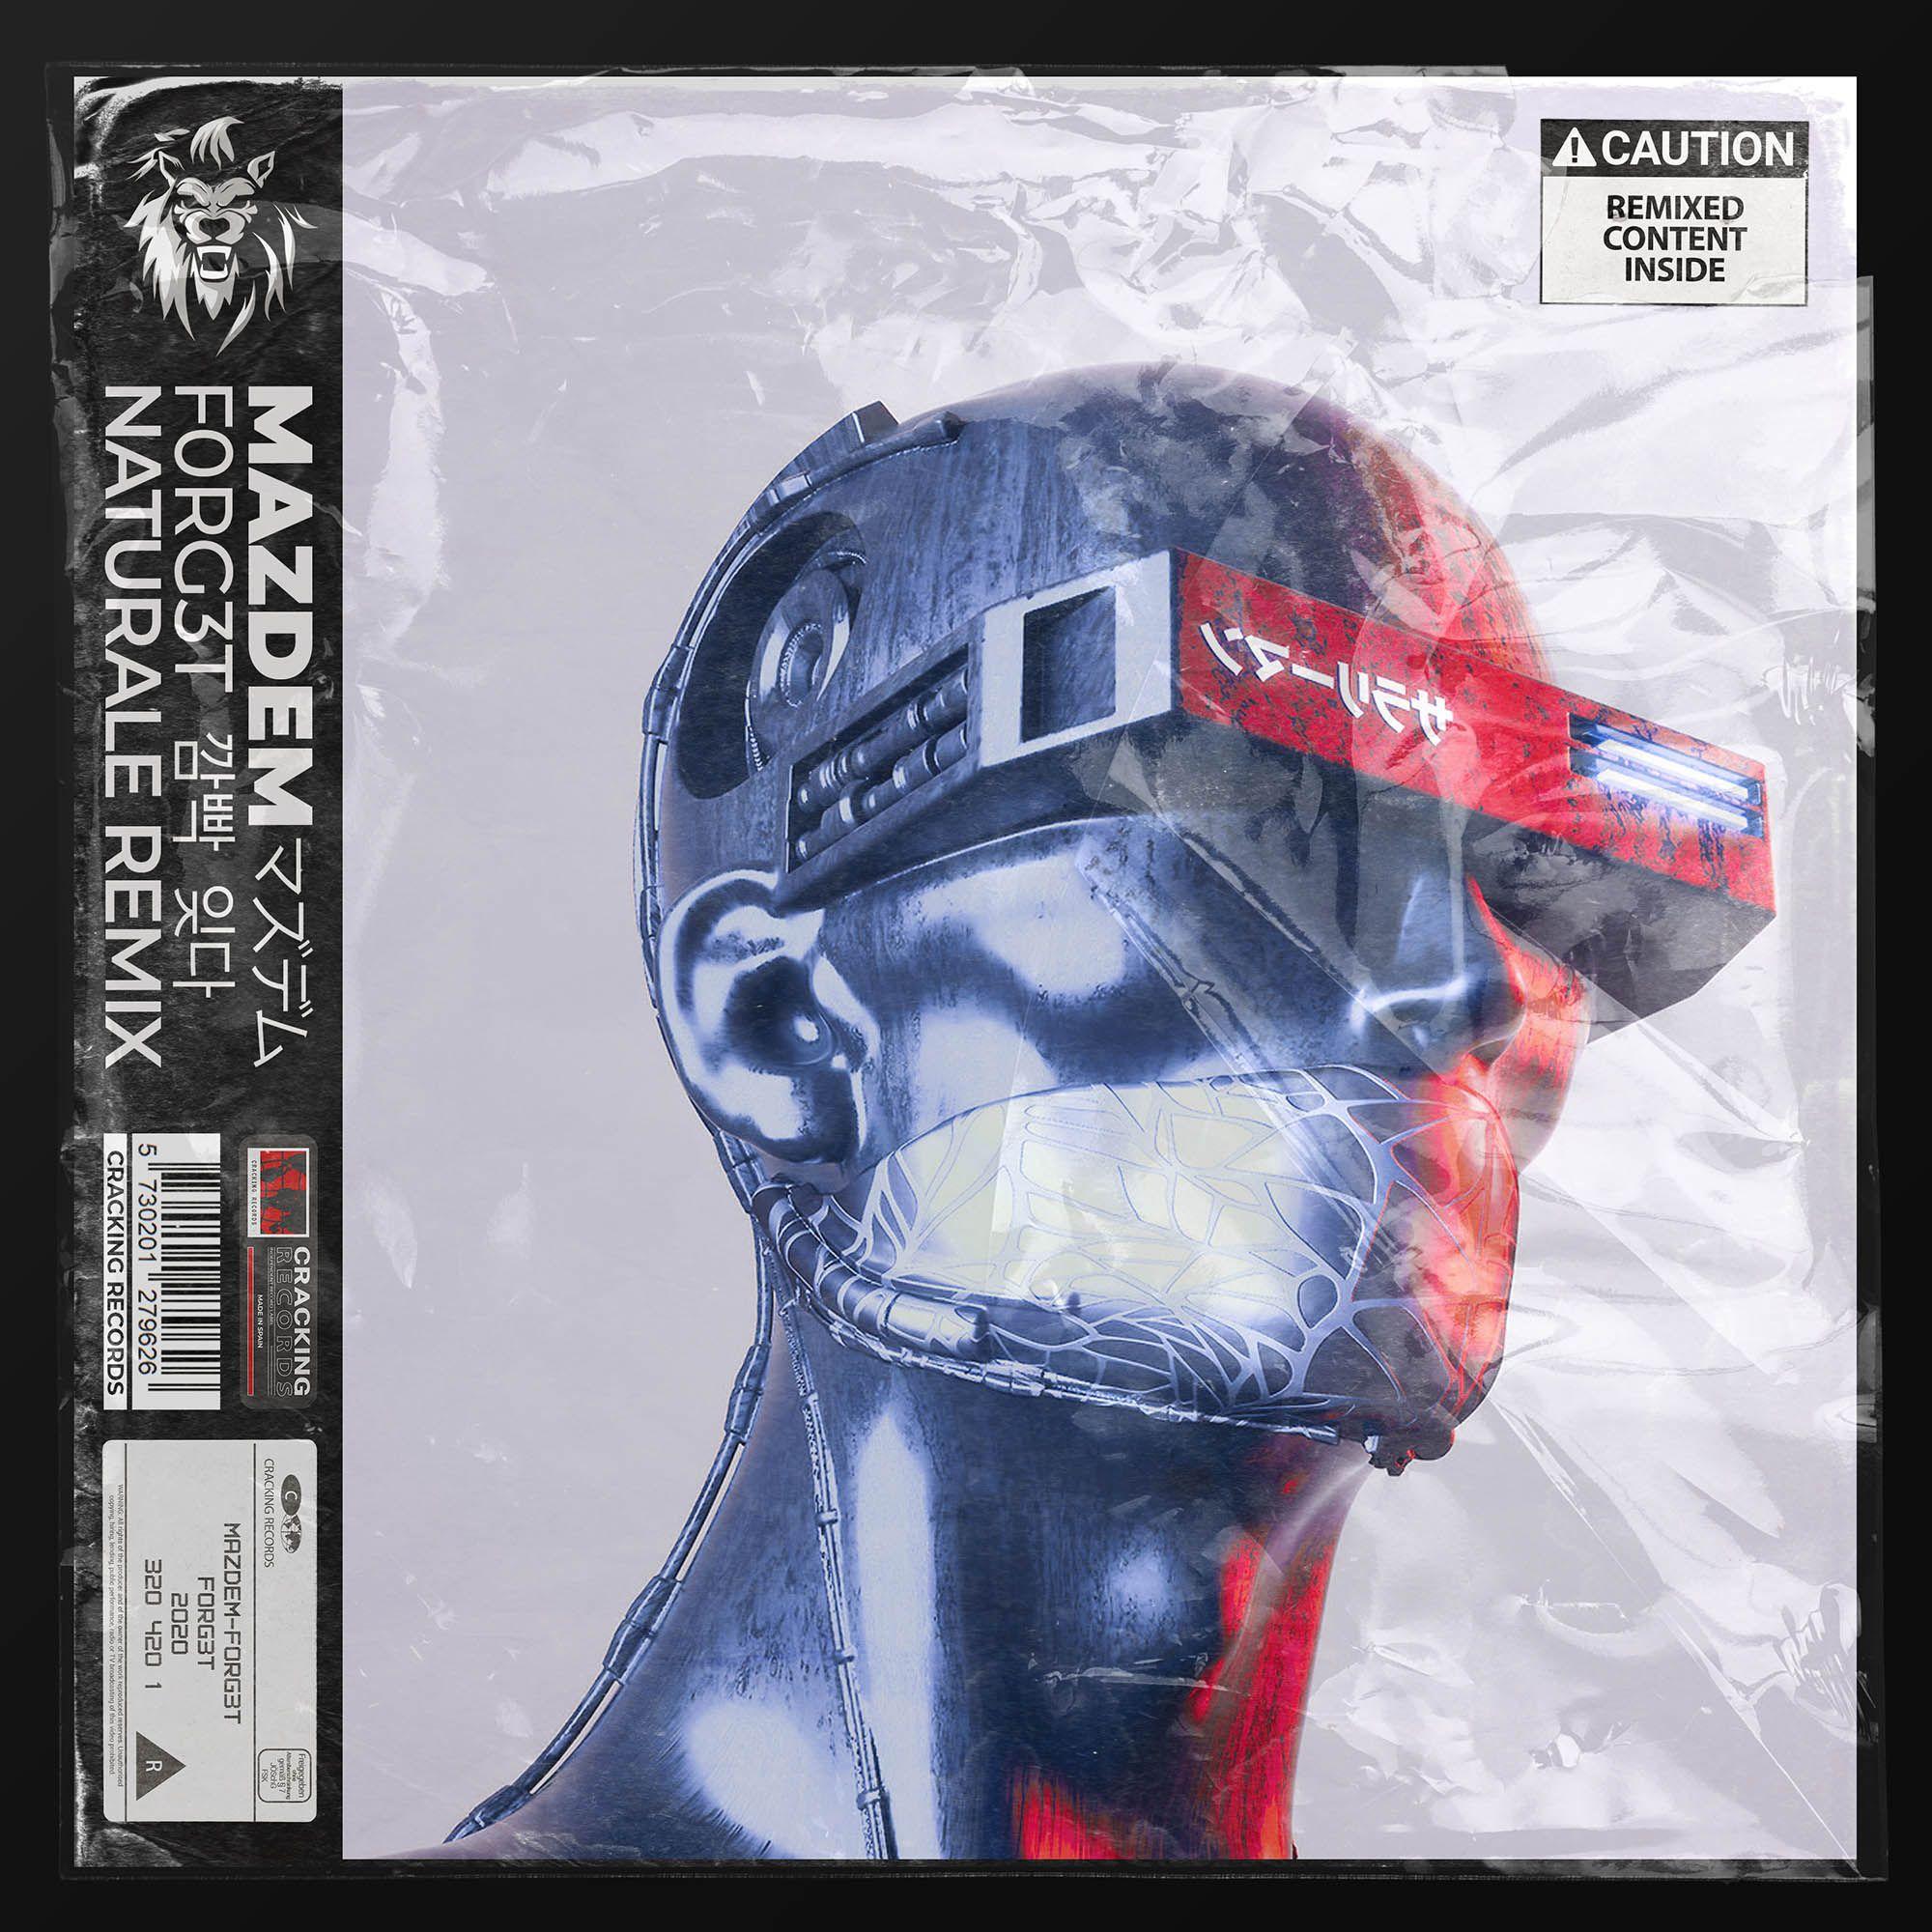 F0RG3T remixes